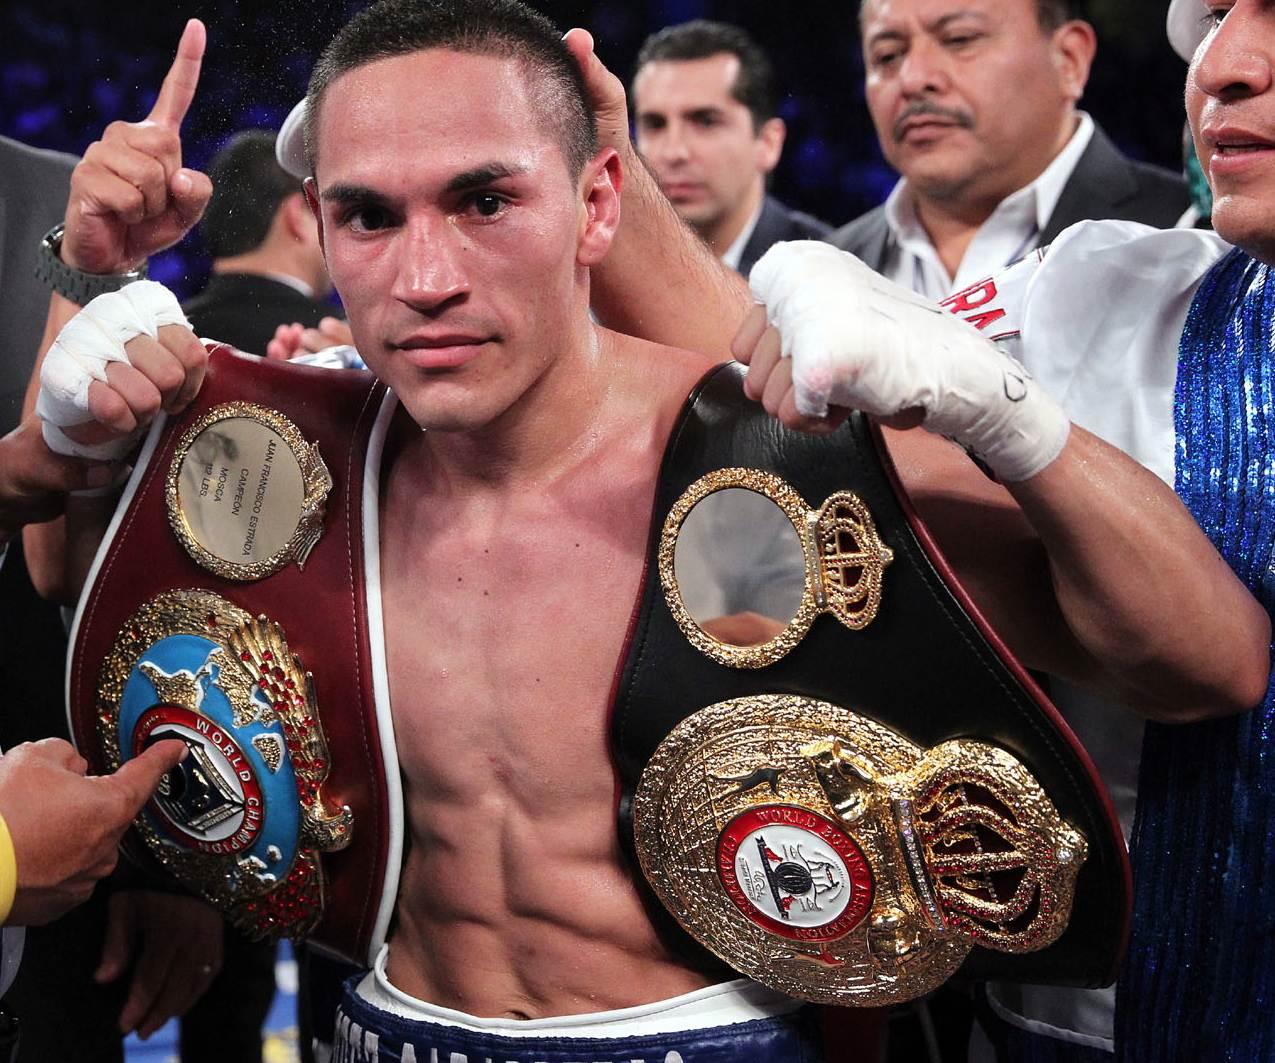 Juan Francisco Estrada to face Raymond Tabugon at 115 - The Ring